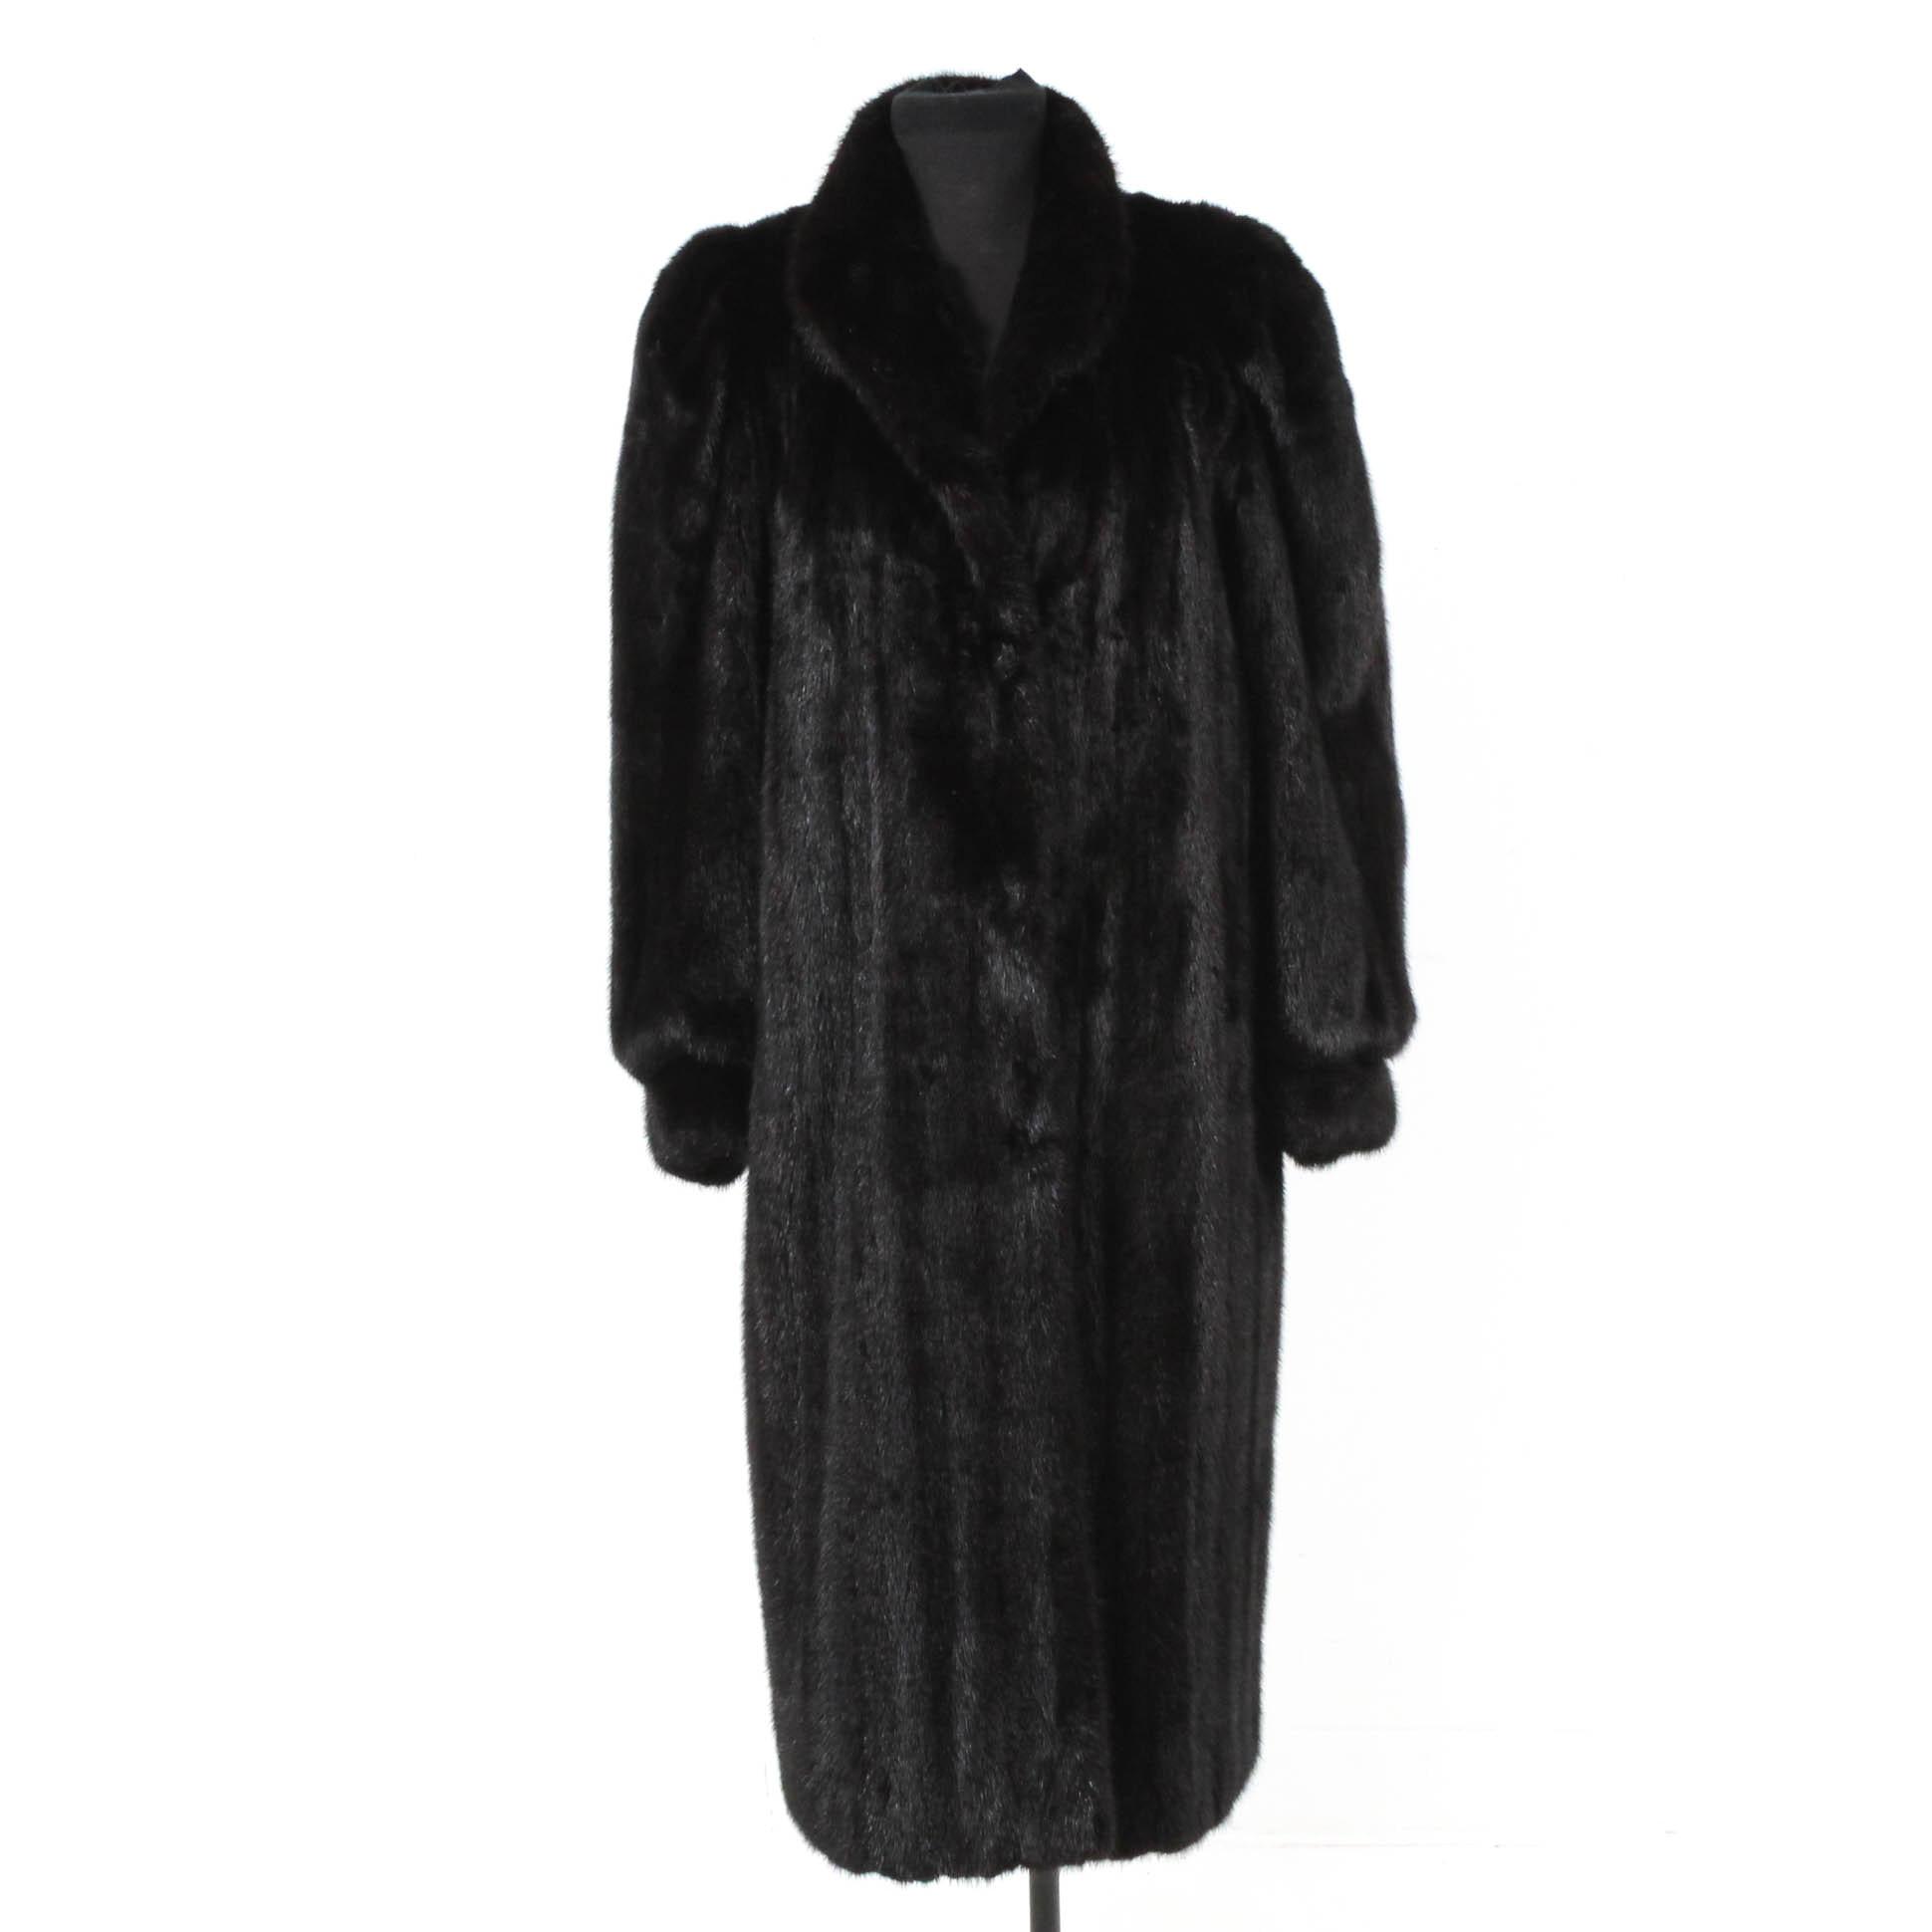 Dark Ranch Mink Fur Coat from Severyn